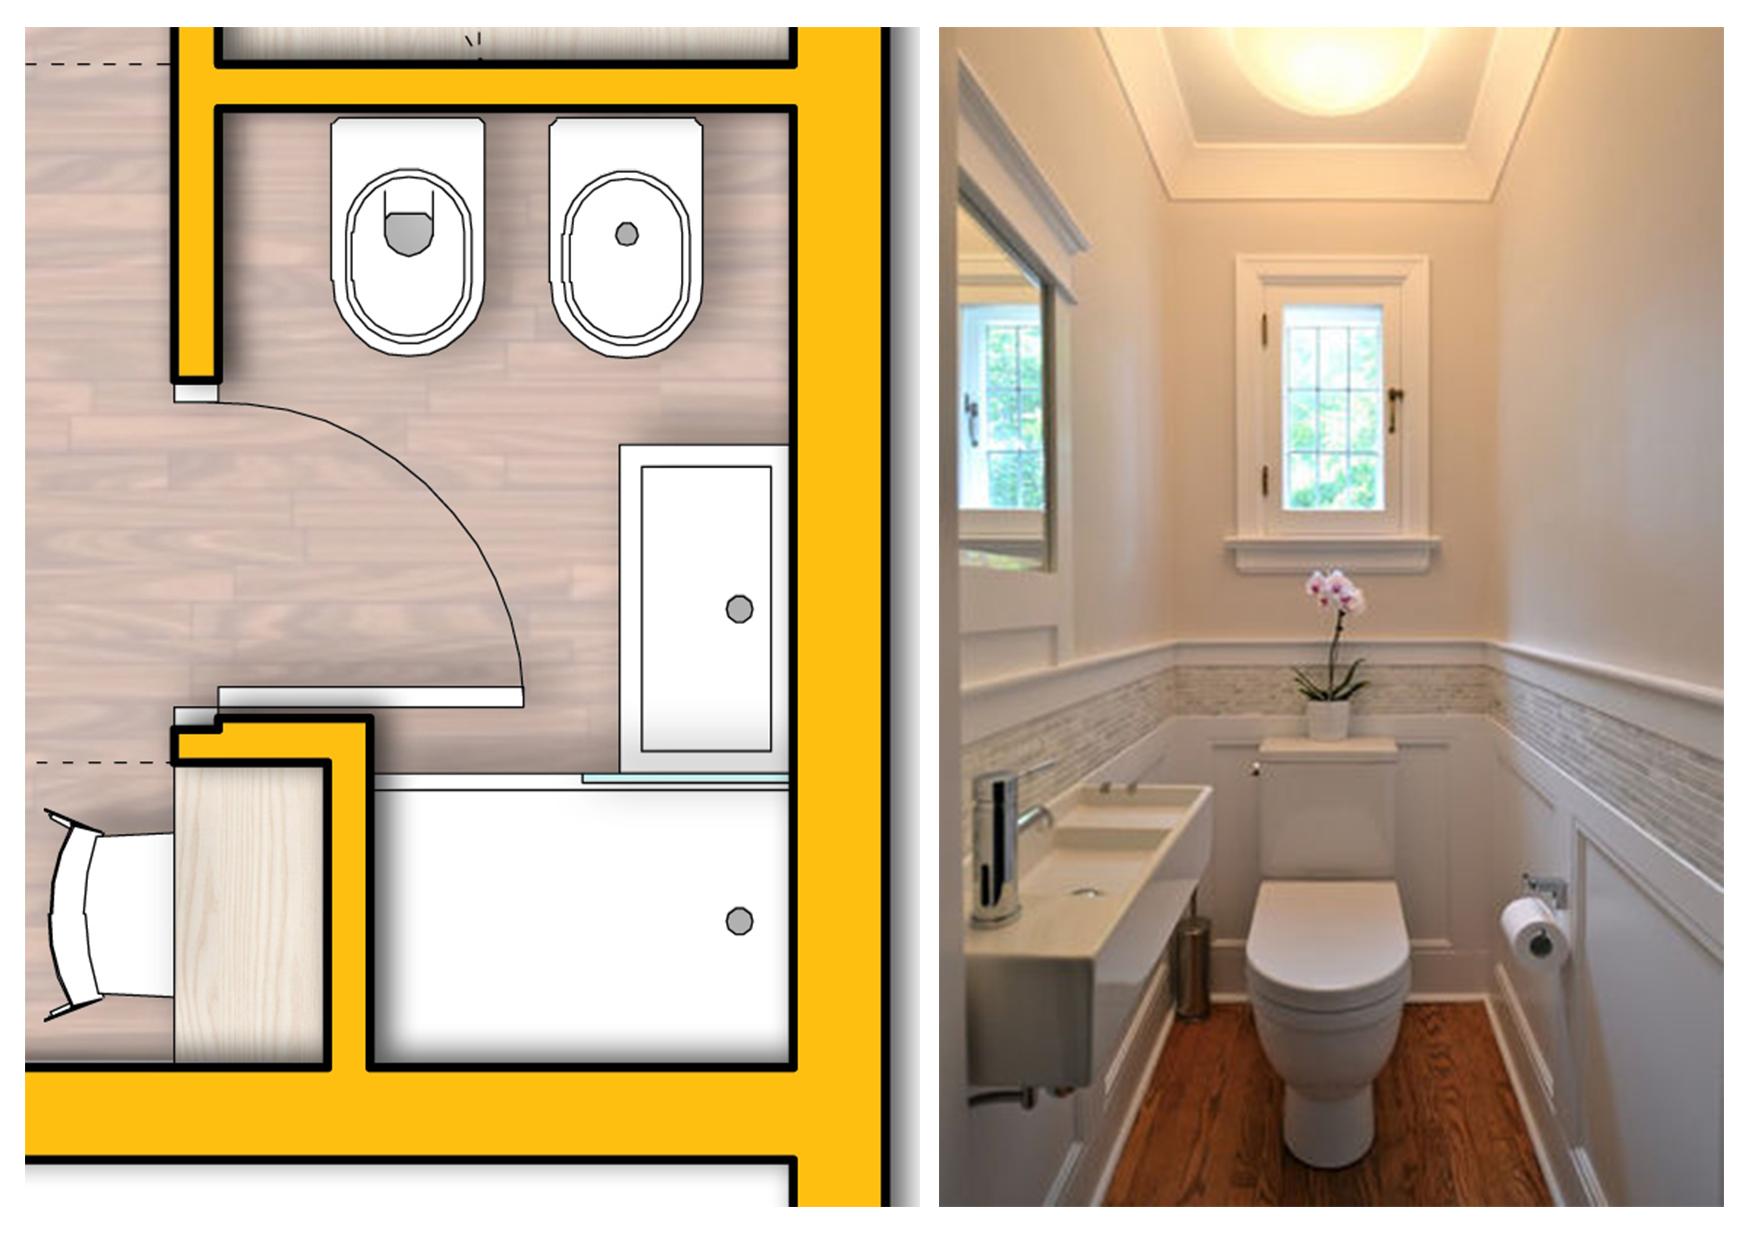 Progettare il bagno consigli pratici novahousenovahouse - Progettare bagno piccolo ...